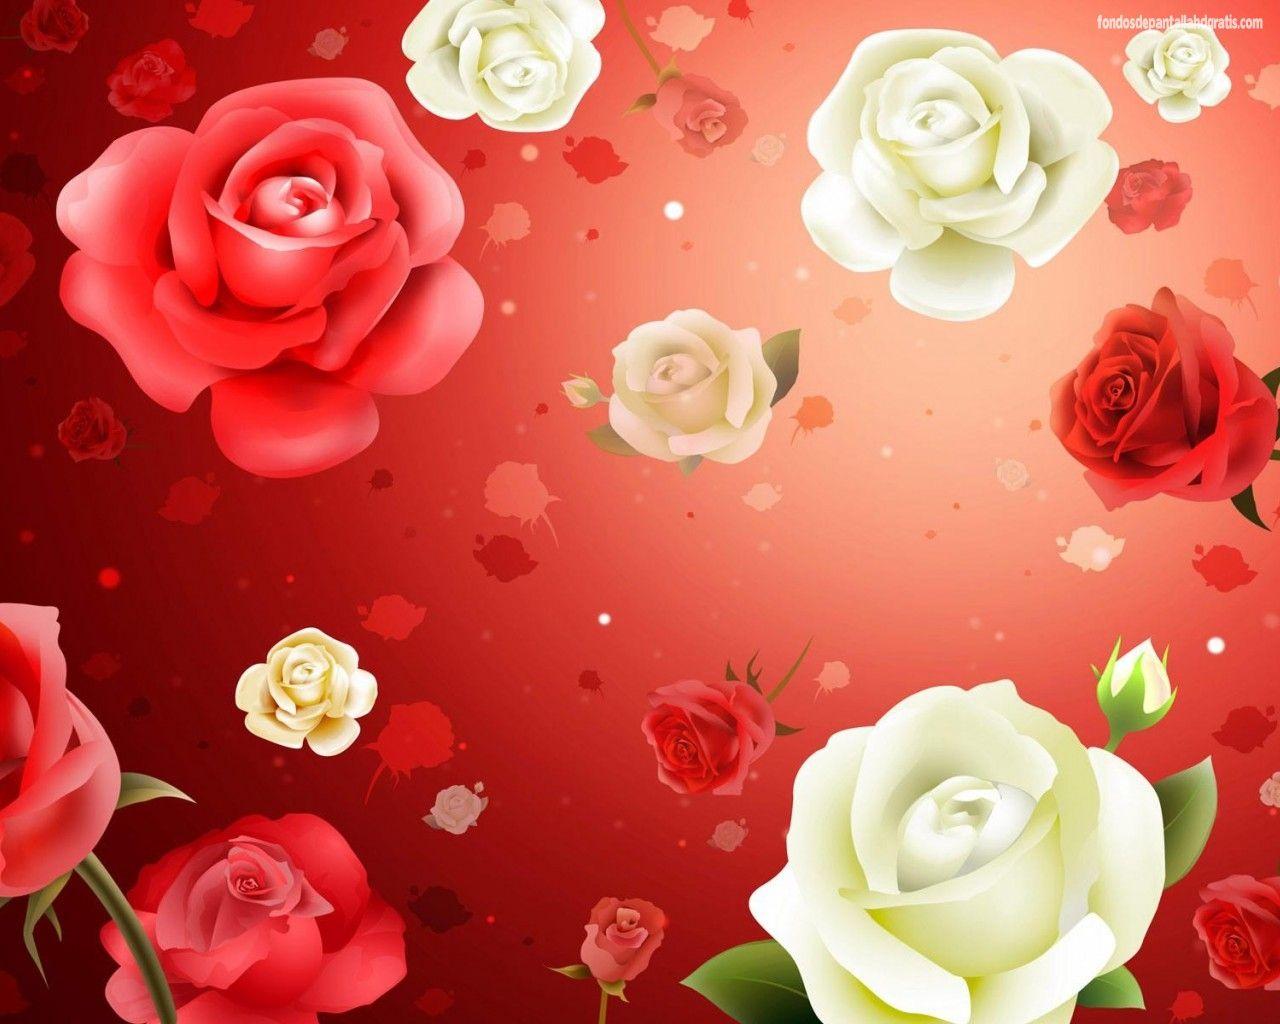 Imagenes De Fondo Flores Para Pantalla Hd 2: Fondos De Flores Gratis Para Protector De Pantalla 12 HD